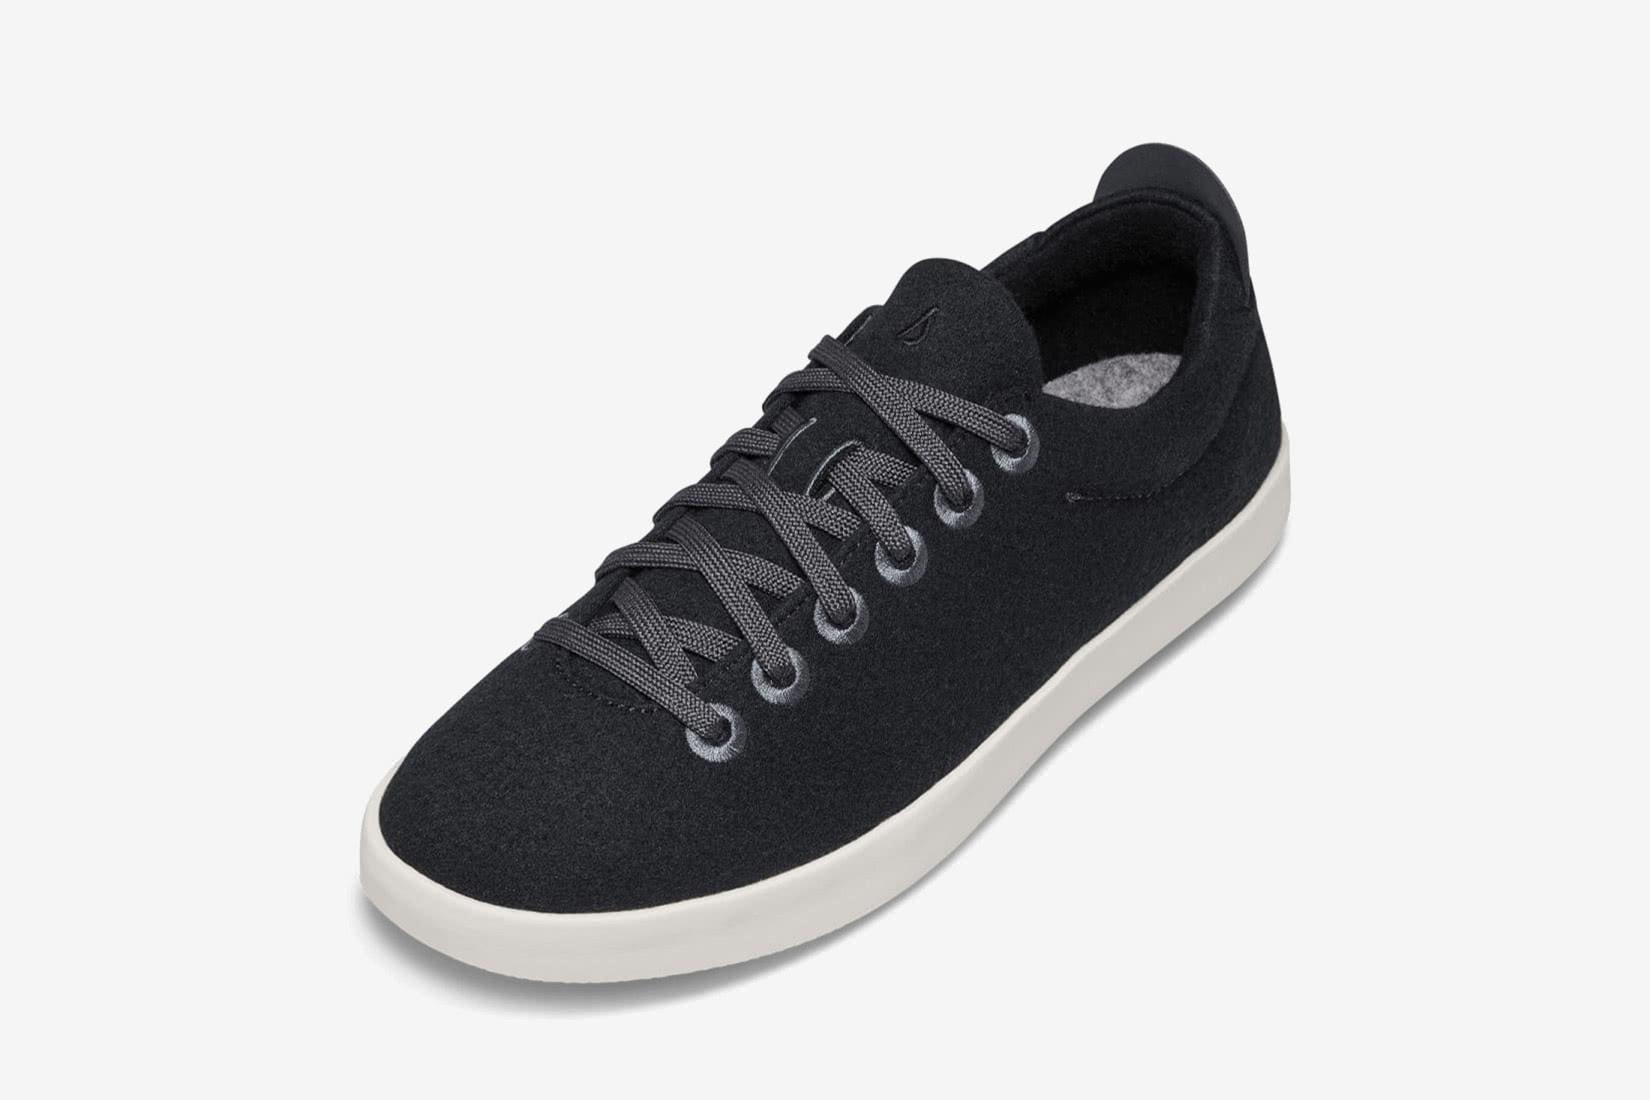 Allbirds sneakers review wool pipers - Luxe Digital